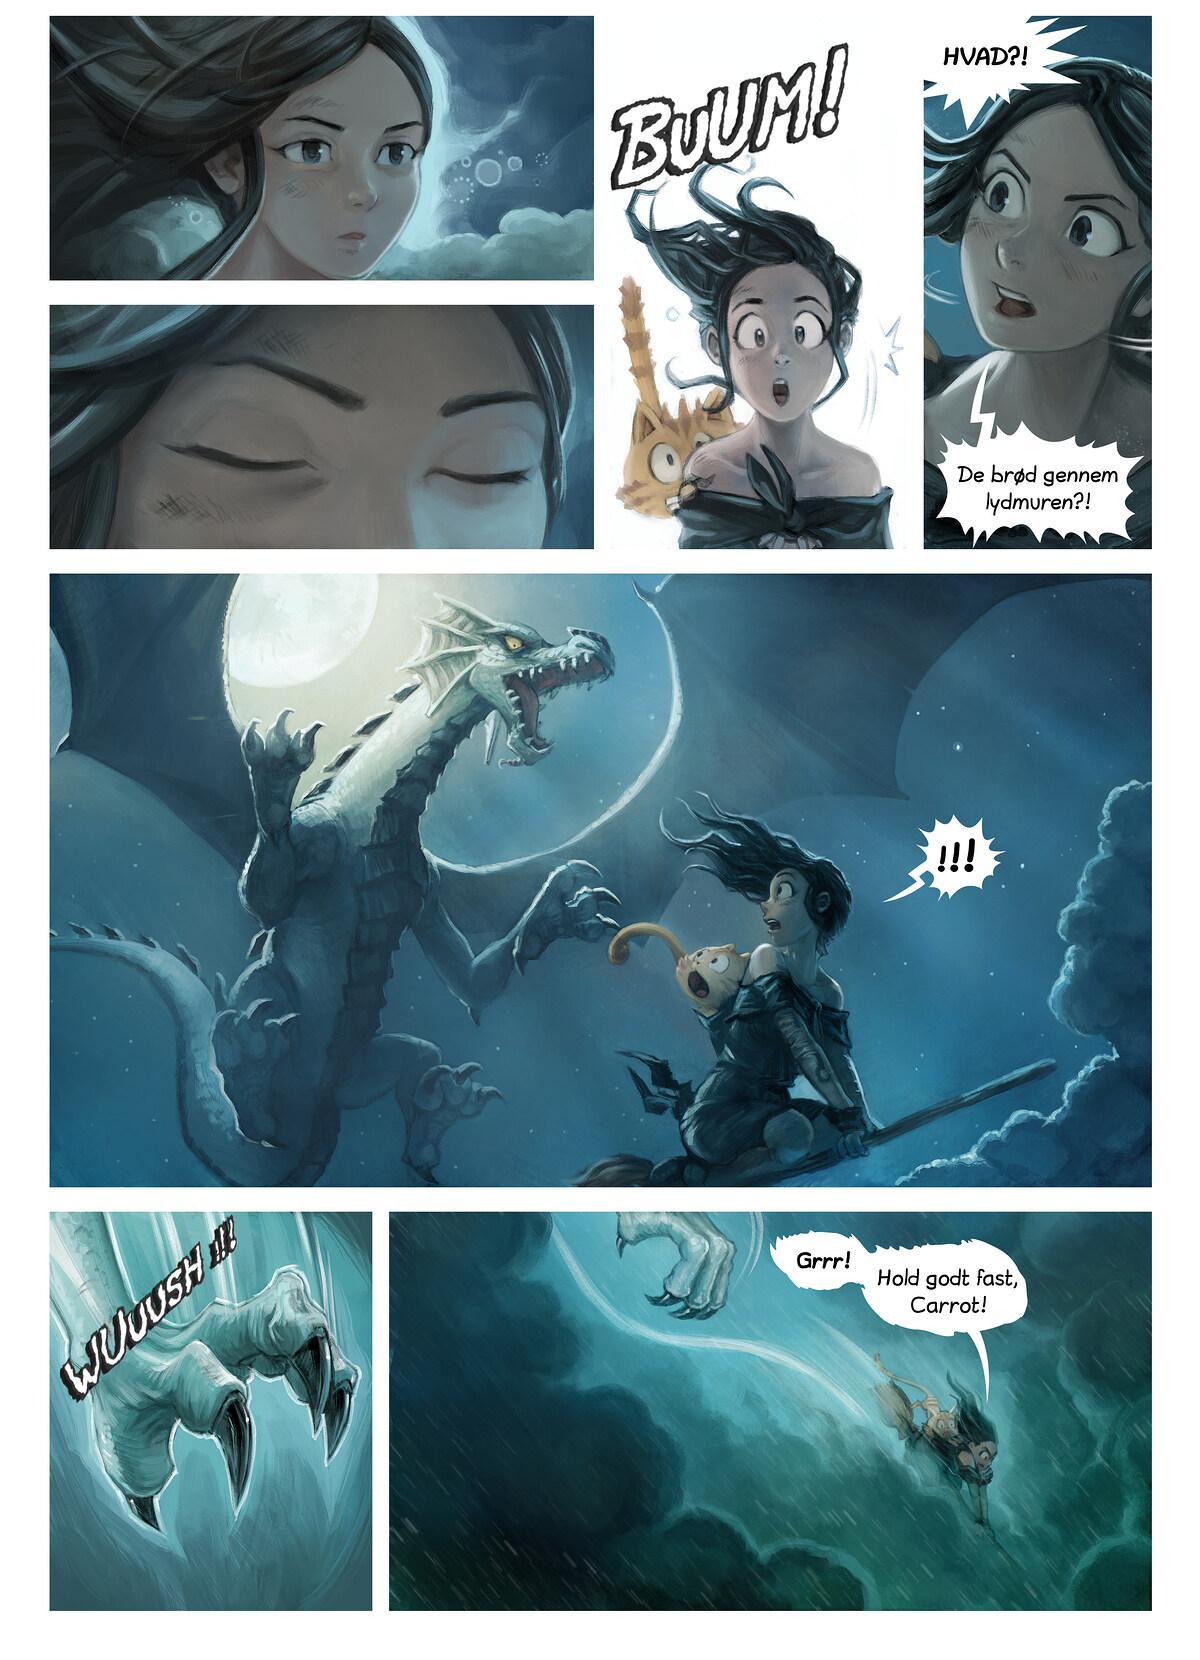 Episode 35: Spejlbilledet, Page 4